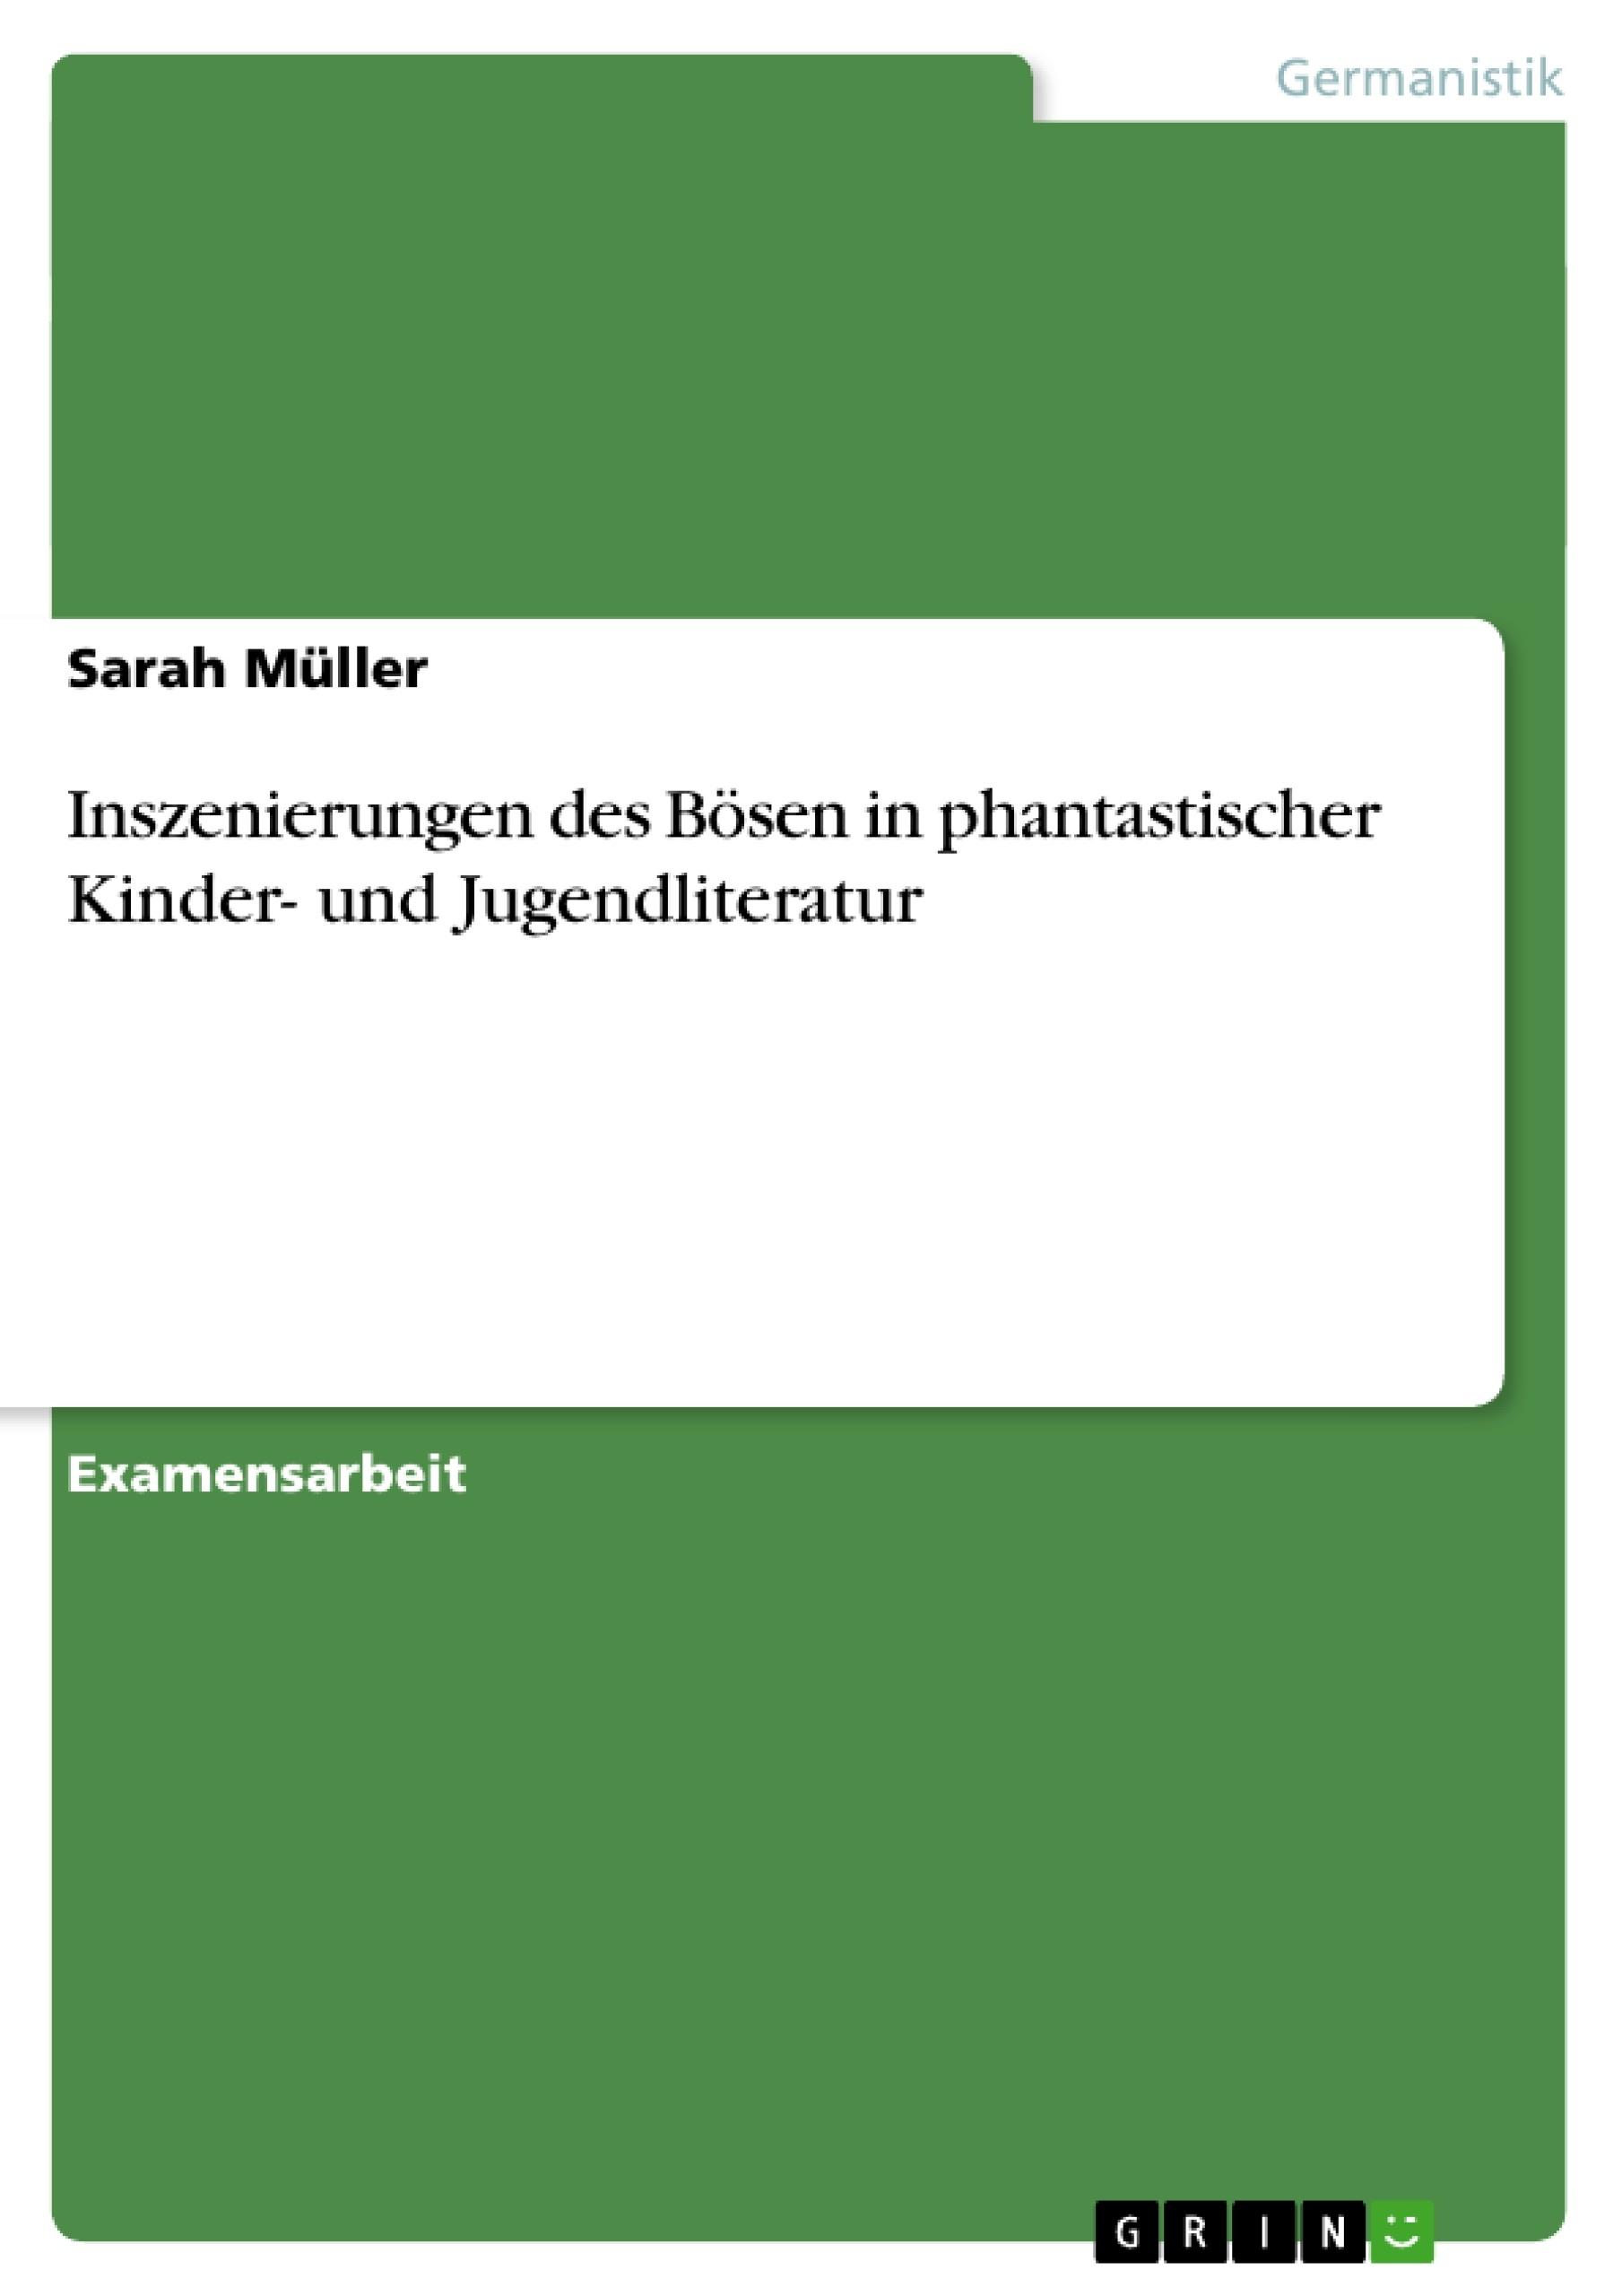 Titel: Inszenierungen des Bösen in phantastischer Kinder- und Jugendliteratur